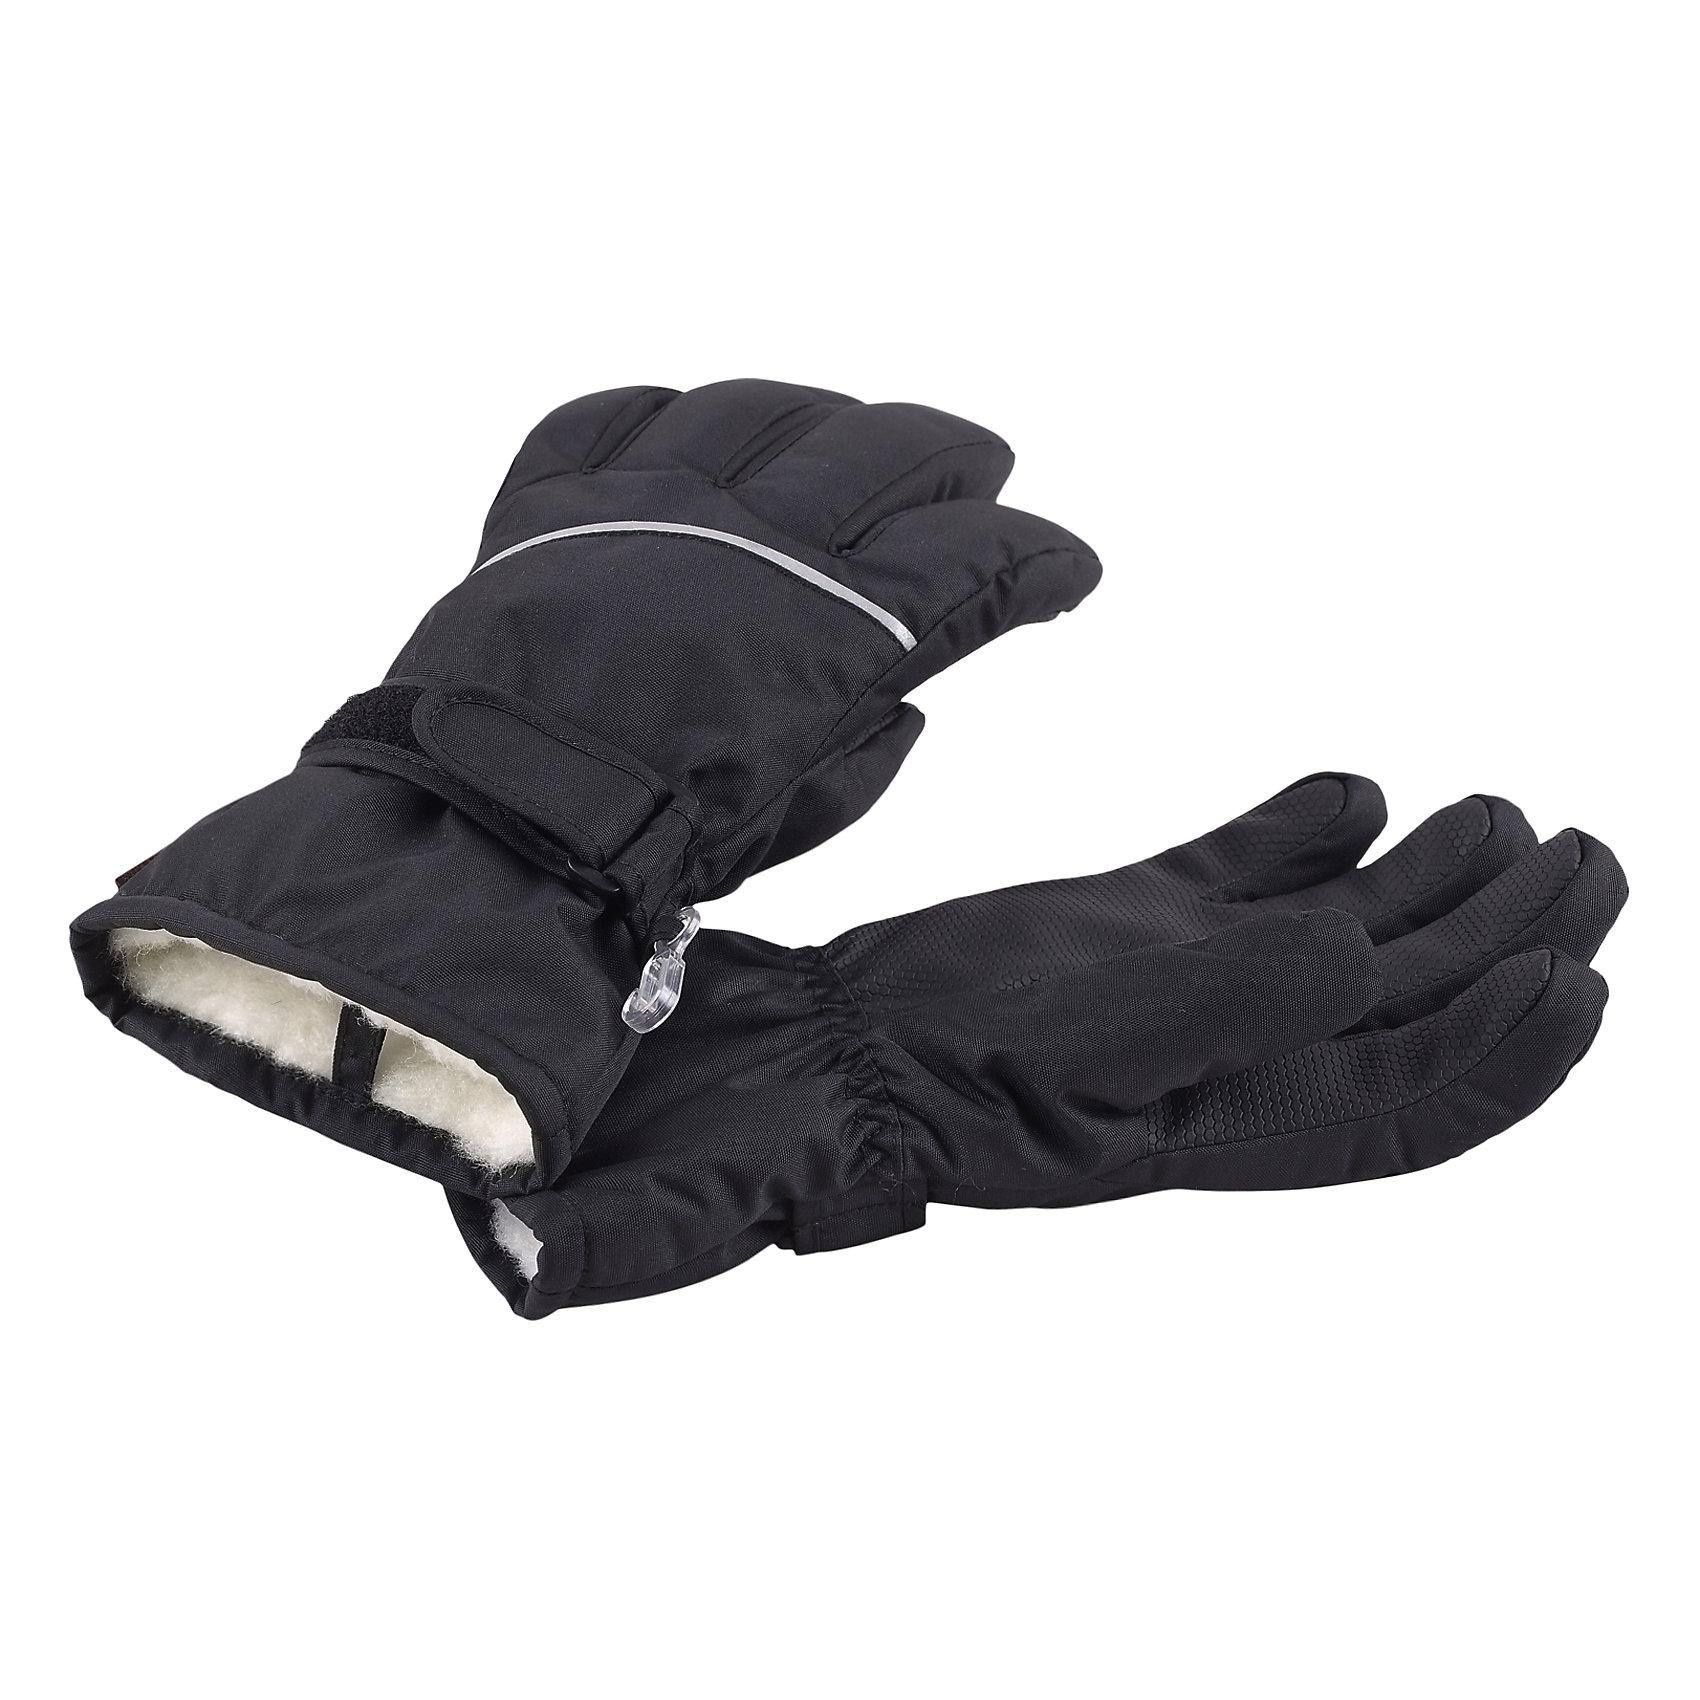 Перчатки Harald для мальчика ReimaПерчатки и варежки<br>Перчатки  Reima<br>Зимние перчатки для детей. Водонепроницаемый материал, вставки отсутствуют — товар не является водонепроницаемым. Водо- и ветронепроницаемый и грязеотталкивающий материал. Накладки на ладонях, кончиках пальцев и больших пальцах. Теплая ворсистая подкладка из ткани из смеси шерсти. Средняя степень утепления. Простая застежка на липучке. Логотип Reima® сбоку. Светоотражающие полосы.<br>Утеплитель: Reima® Comfortinsulation,80 g<br>Уход:<br>Стирать по отдельности. Стирать моющим средством, не содержащим отбеливающие вещества. Полоскать без специального средства. Сушить при низкой температуре. <br>Состав:<br>100% Полиамид, полиуретановое покрытие<br><br>Ширина мм: 162<br>Глубина мм: 171<br>Высота мм: 55<br>Вес г: 119<br>Цвет: черный<br>Возраст от месяцев: 144<br>Возраст до месяцев: 168<br>Пол: Мужской<br>Возраст: Детский<br>Размер: 4,5,6,7,8,3<br>SKU: 4779771